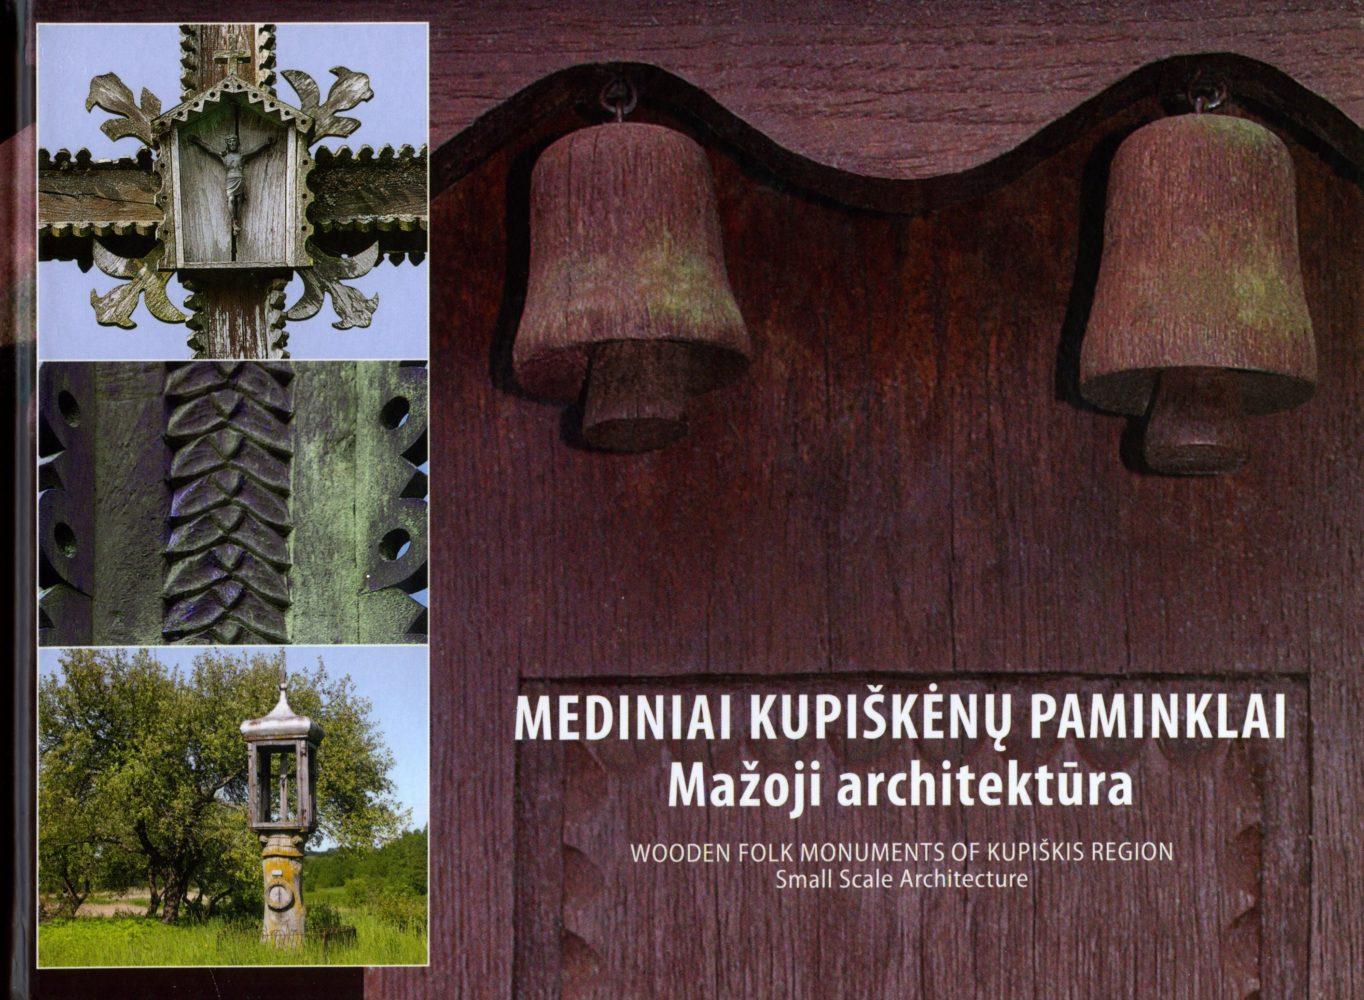 Mediniai kupiskenu paminklai